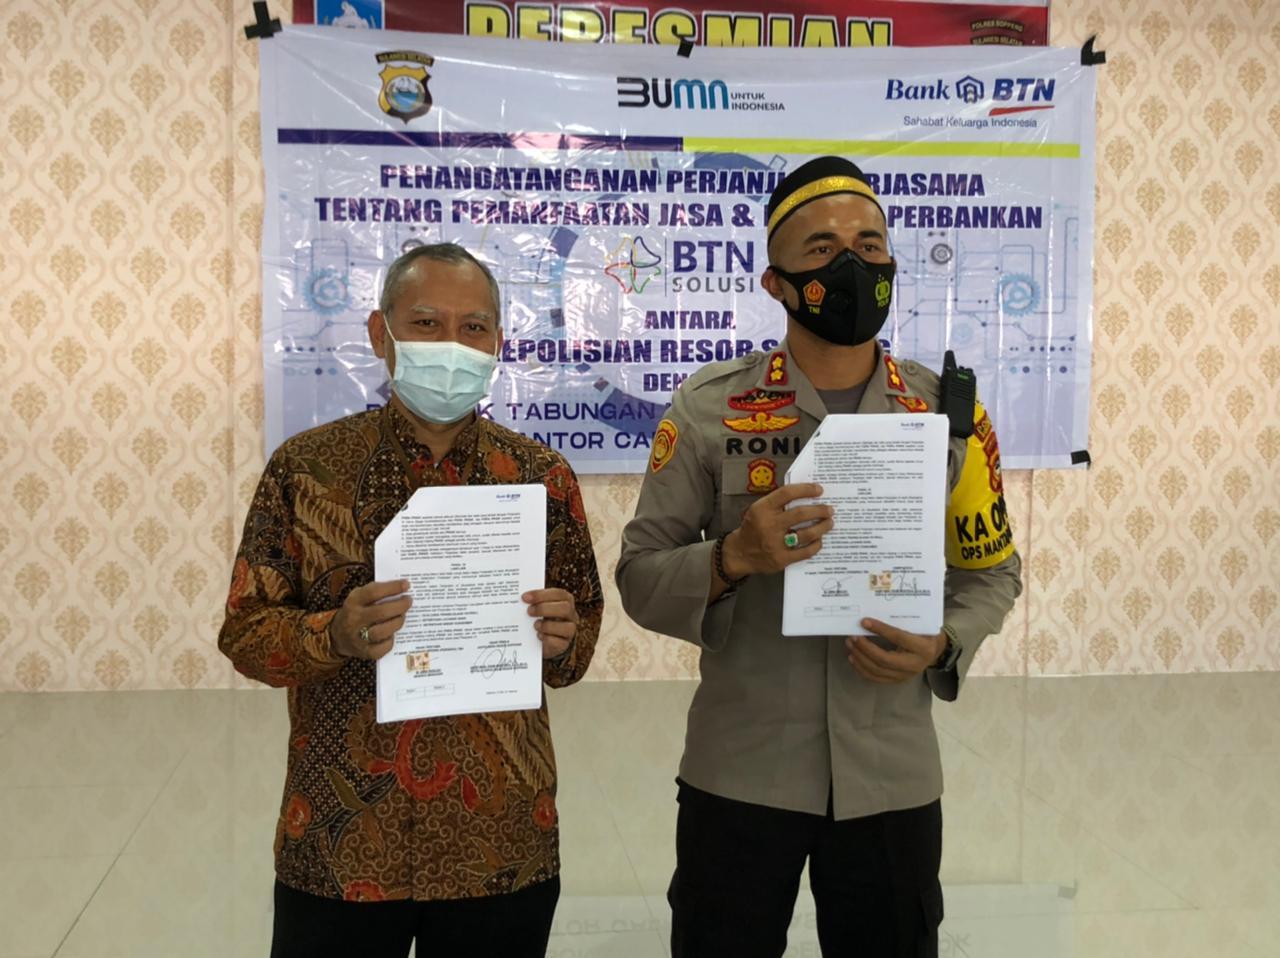 Sejahterahkan Personil, Polres Sopppeng Gelar MoU bersama Bank BTN